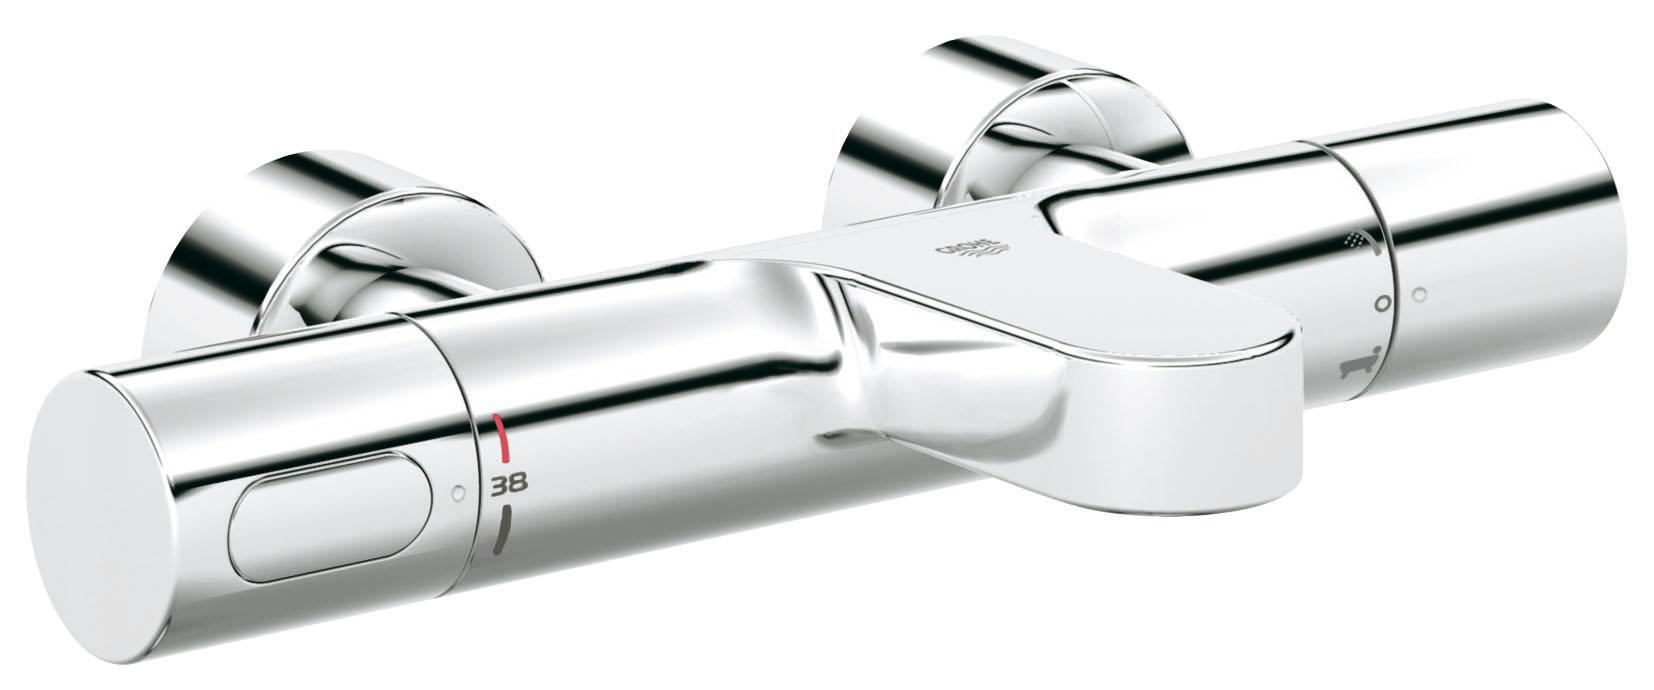 Термостатический смеситель для ванны GROHE Grohtherm 3000 Cosmopolitan (34276000)34276000Настенный монтаж GROHE CoolTouch безопасный корпус GROHE TurboStat встроенный термоэлемент Аквадиммер многофункциональный: - регулировка расхода Стопор безопасности при 38°C Встроенный стопор смешанной воды - переключатель: ванна/душ Отвод для душа снизу 1/2? Аэратор GROHE StarLight хромированная поверхностьВстроенные обратные клапаны Грязеулавливающие фильтры Скрытые S-образные эксцентрики С защитой от обратного потока GROHE EcoJoy - технология совершенного потока при уменьшенном расходе воды Видео по установке является исключительно информационным. Установка должна проводиться профессионалами!